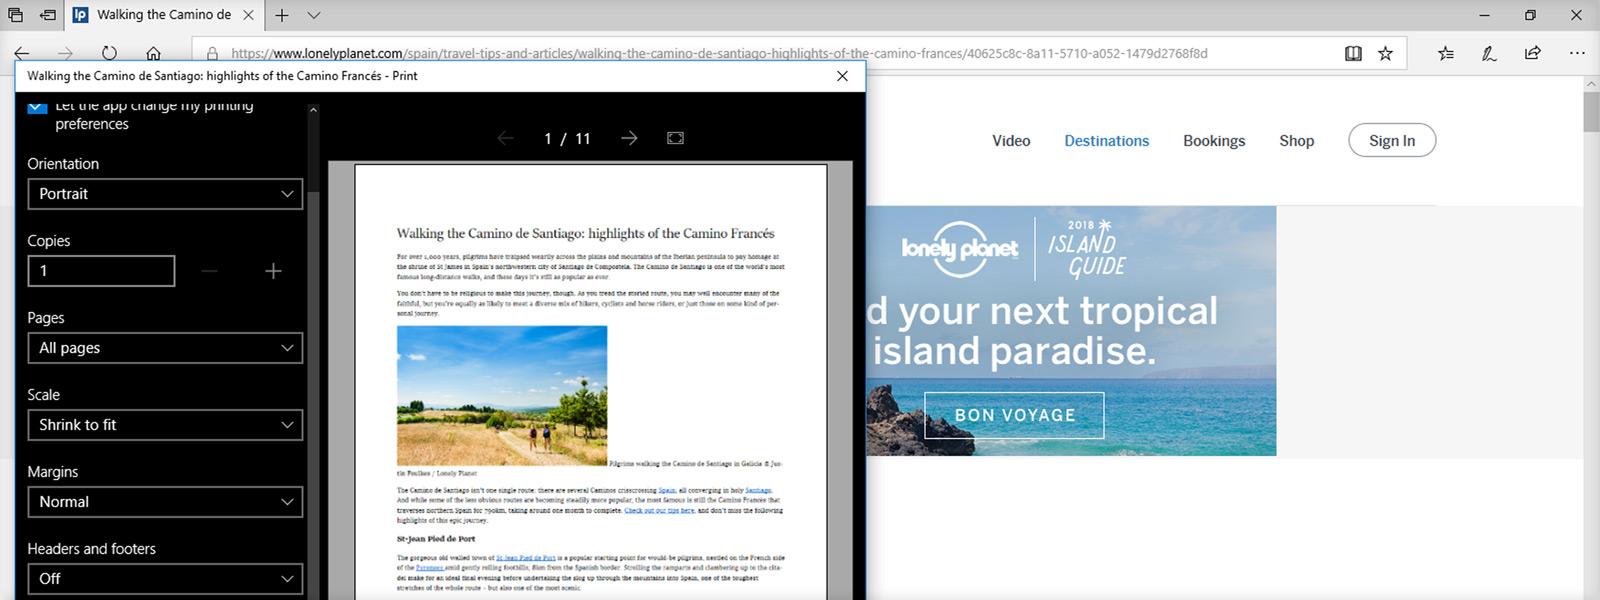 Immagine dello schermo con un'anteprima di stampa di una pagina Web in Edge senza inserzioni pubblicitarie